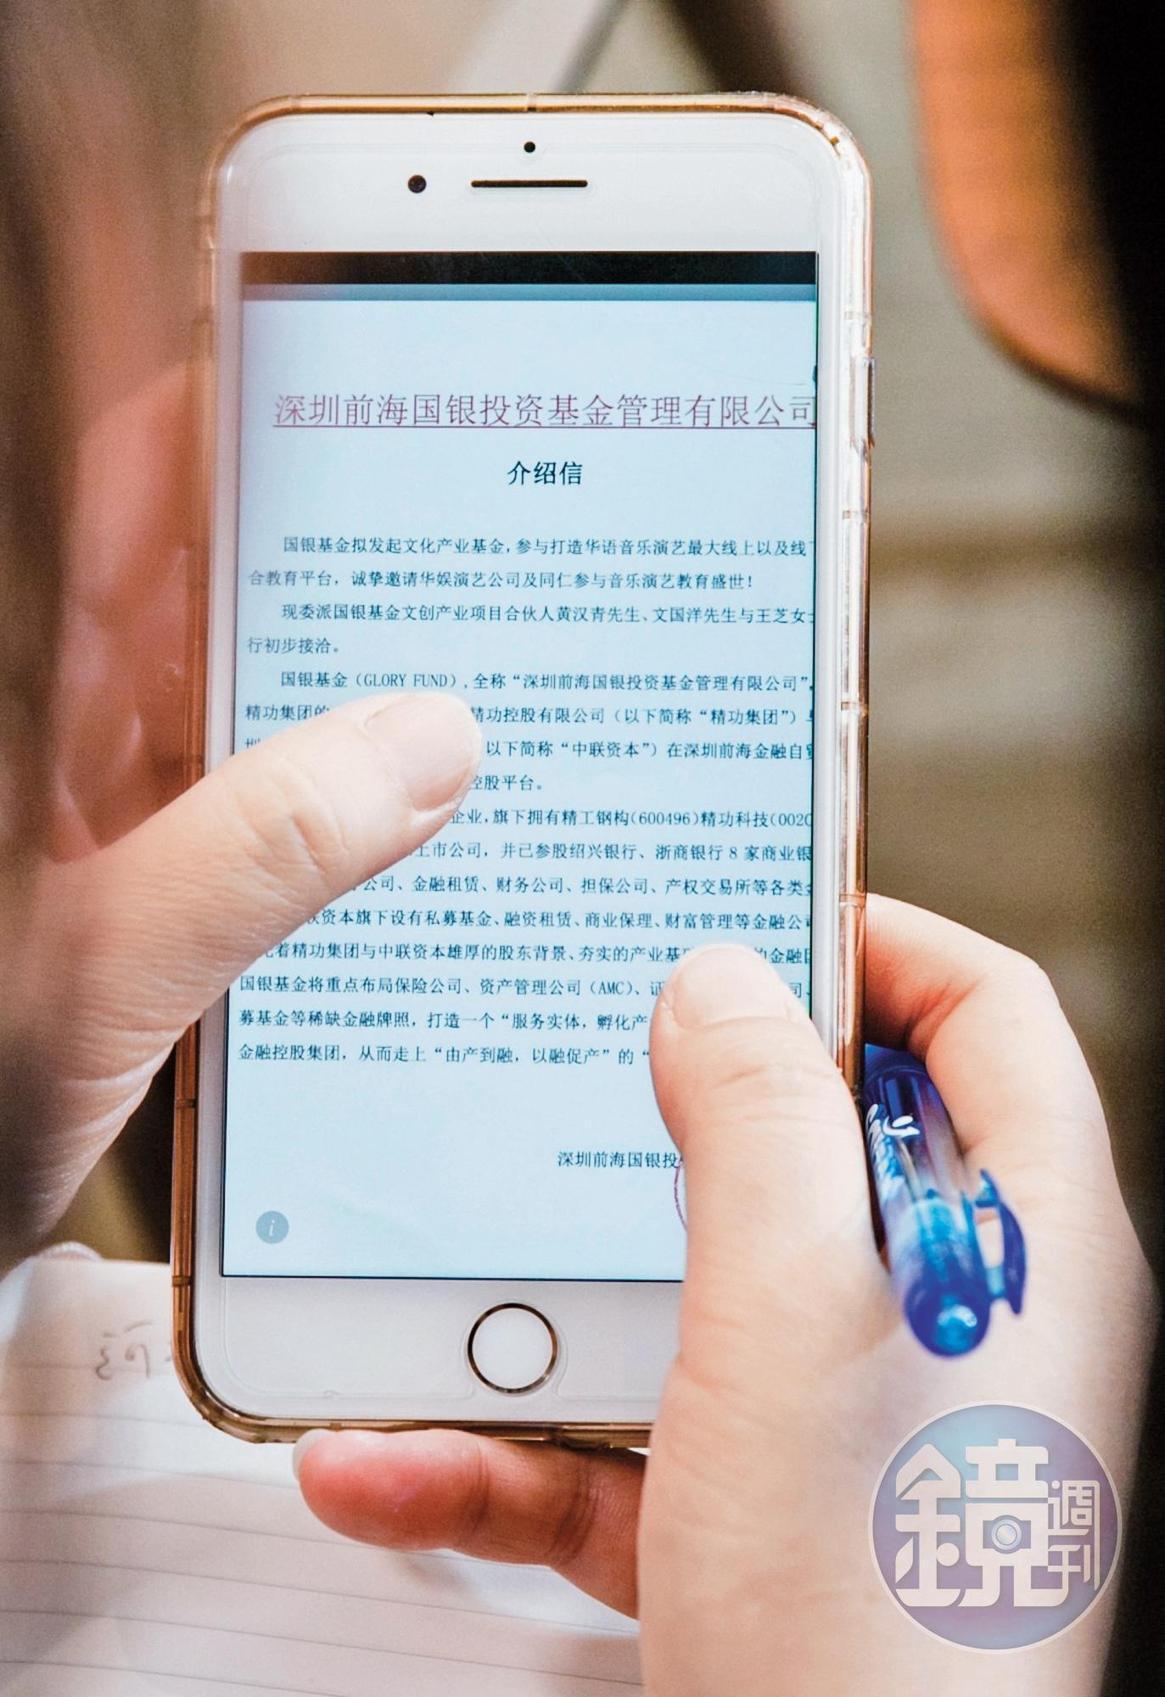 文國洋也展示手機裡,他與阿沁和大陸精功集團的合作信函。